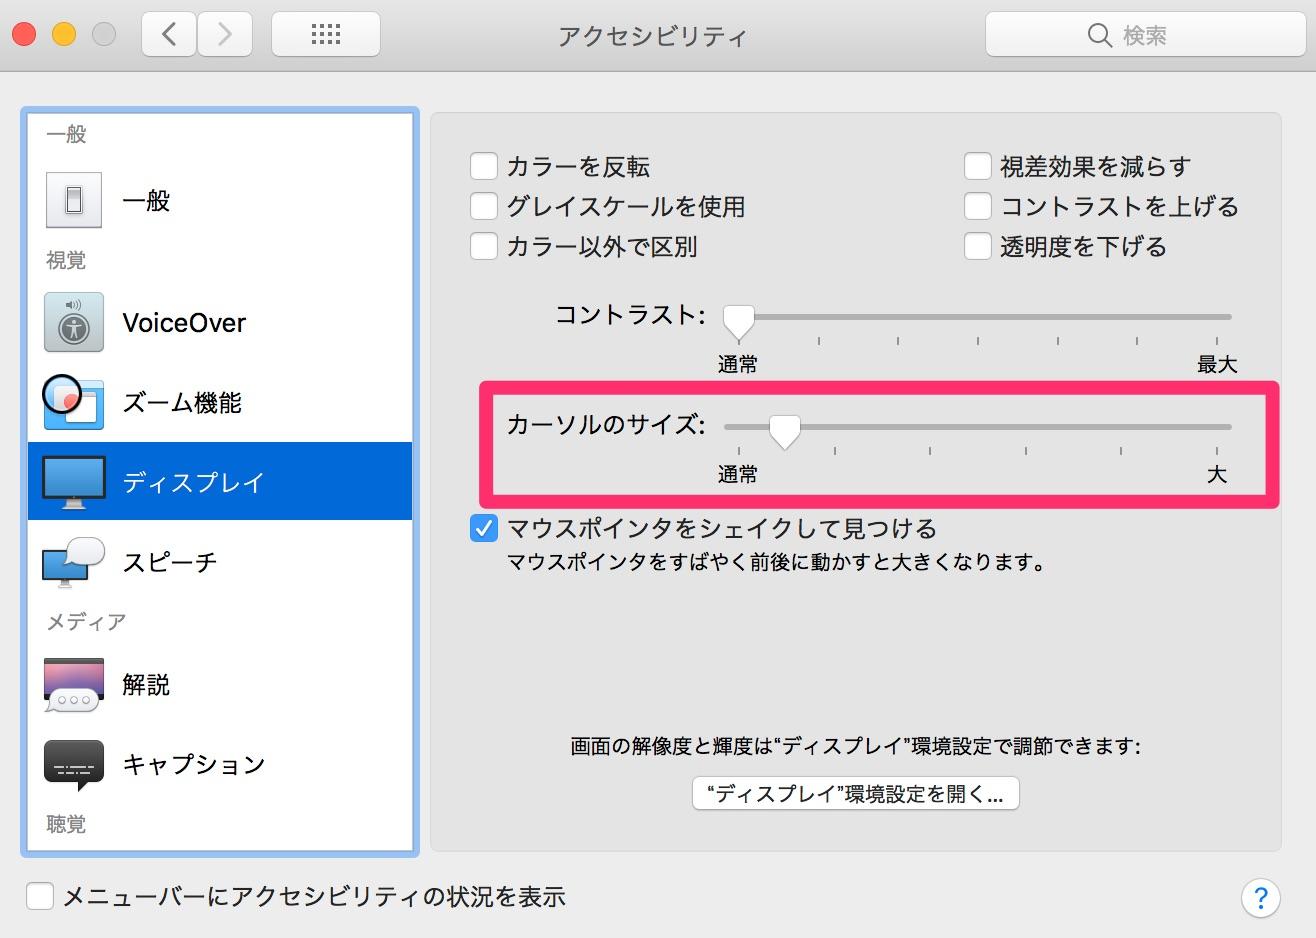 27インチiMacのデメリット「マウスポインタを見失う」を解決する3つの方法